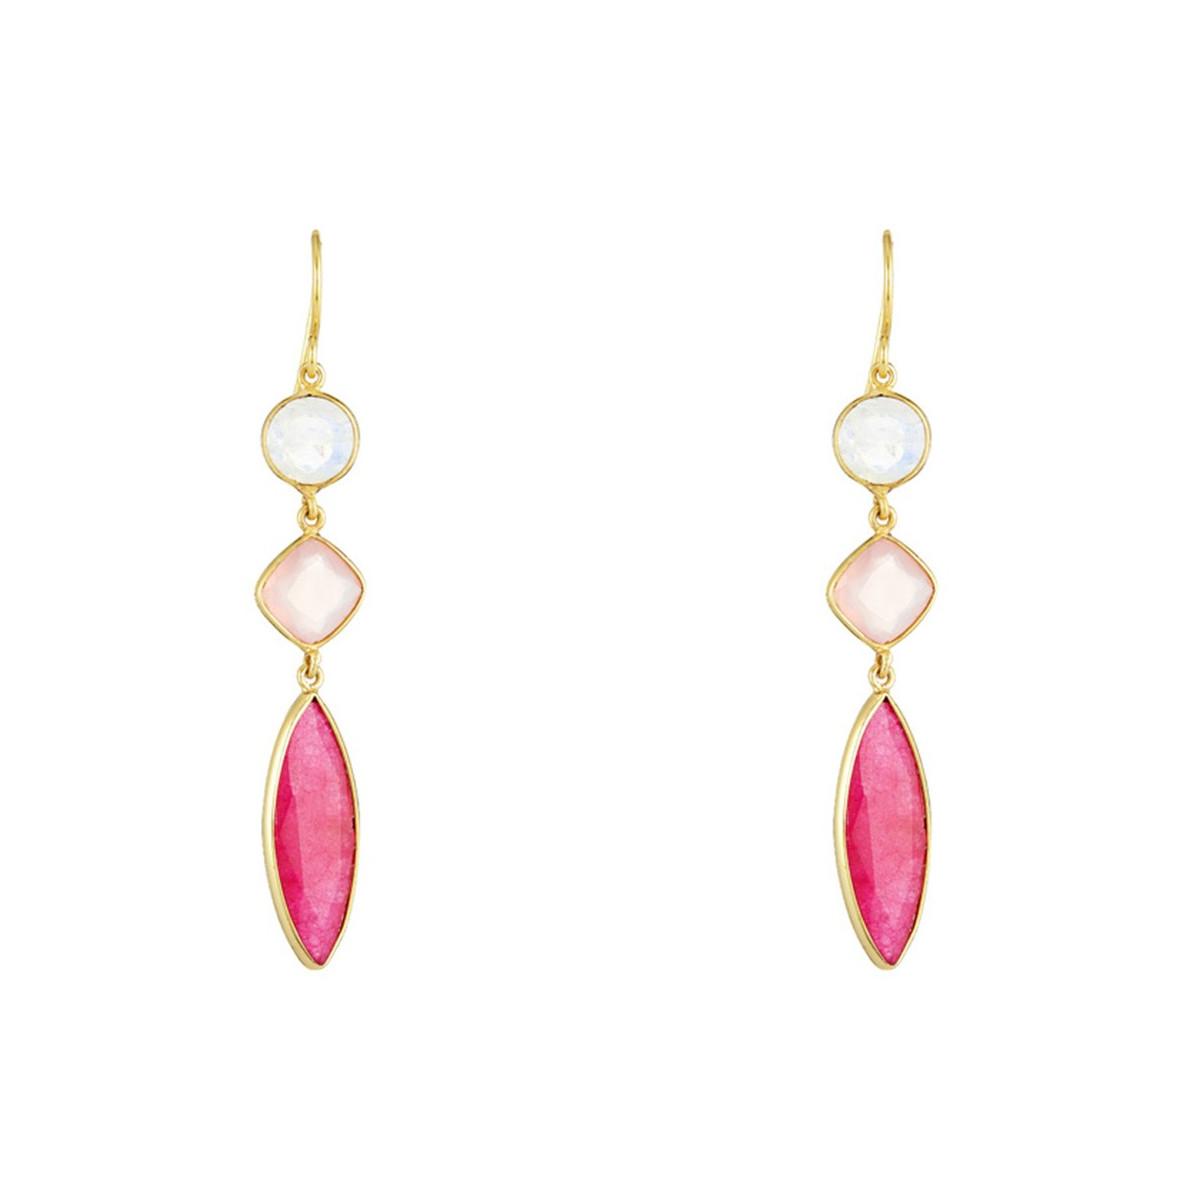 Boucles d'oreilles Pauline doré et calcédoine, aventurine, pierre de lune rose et rouge